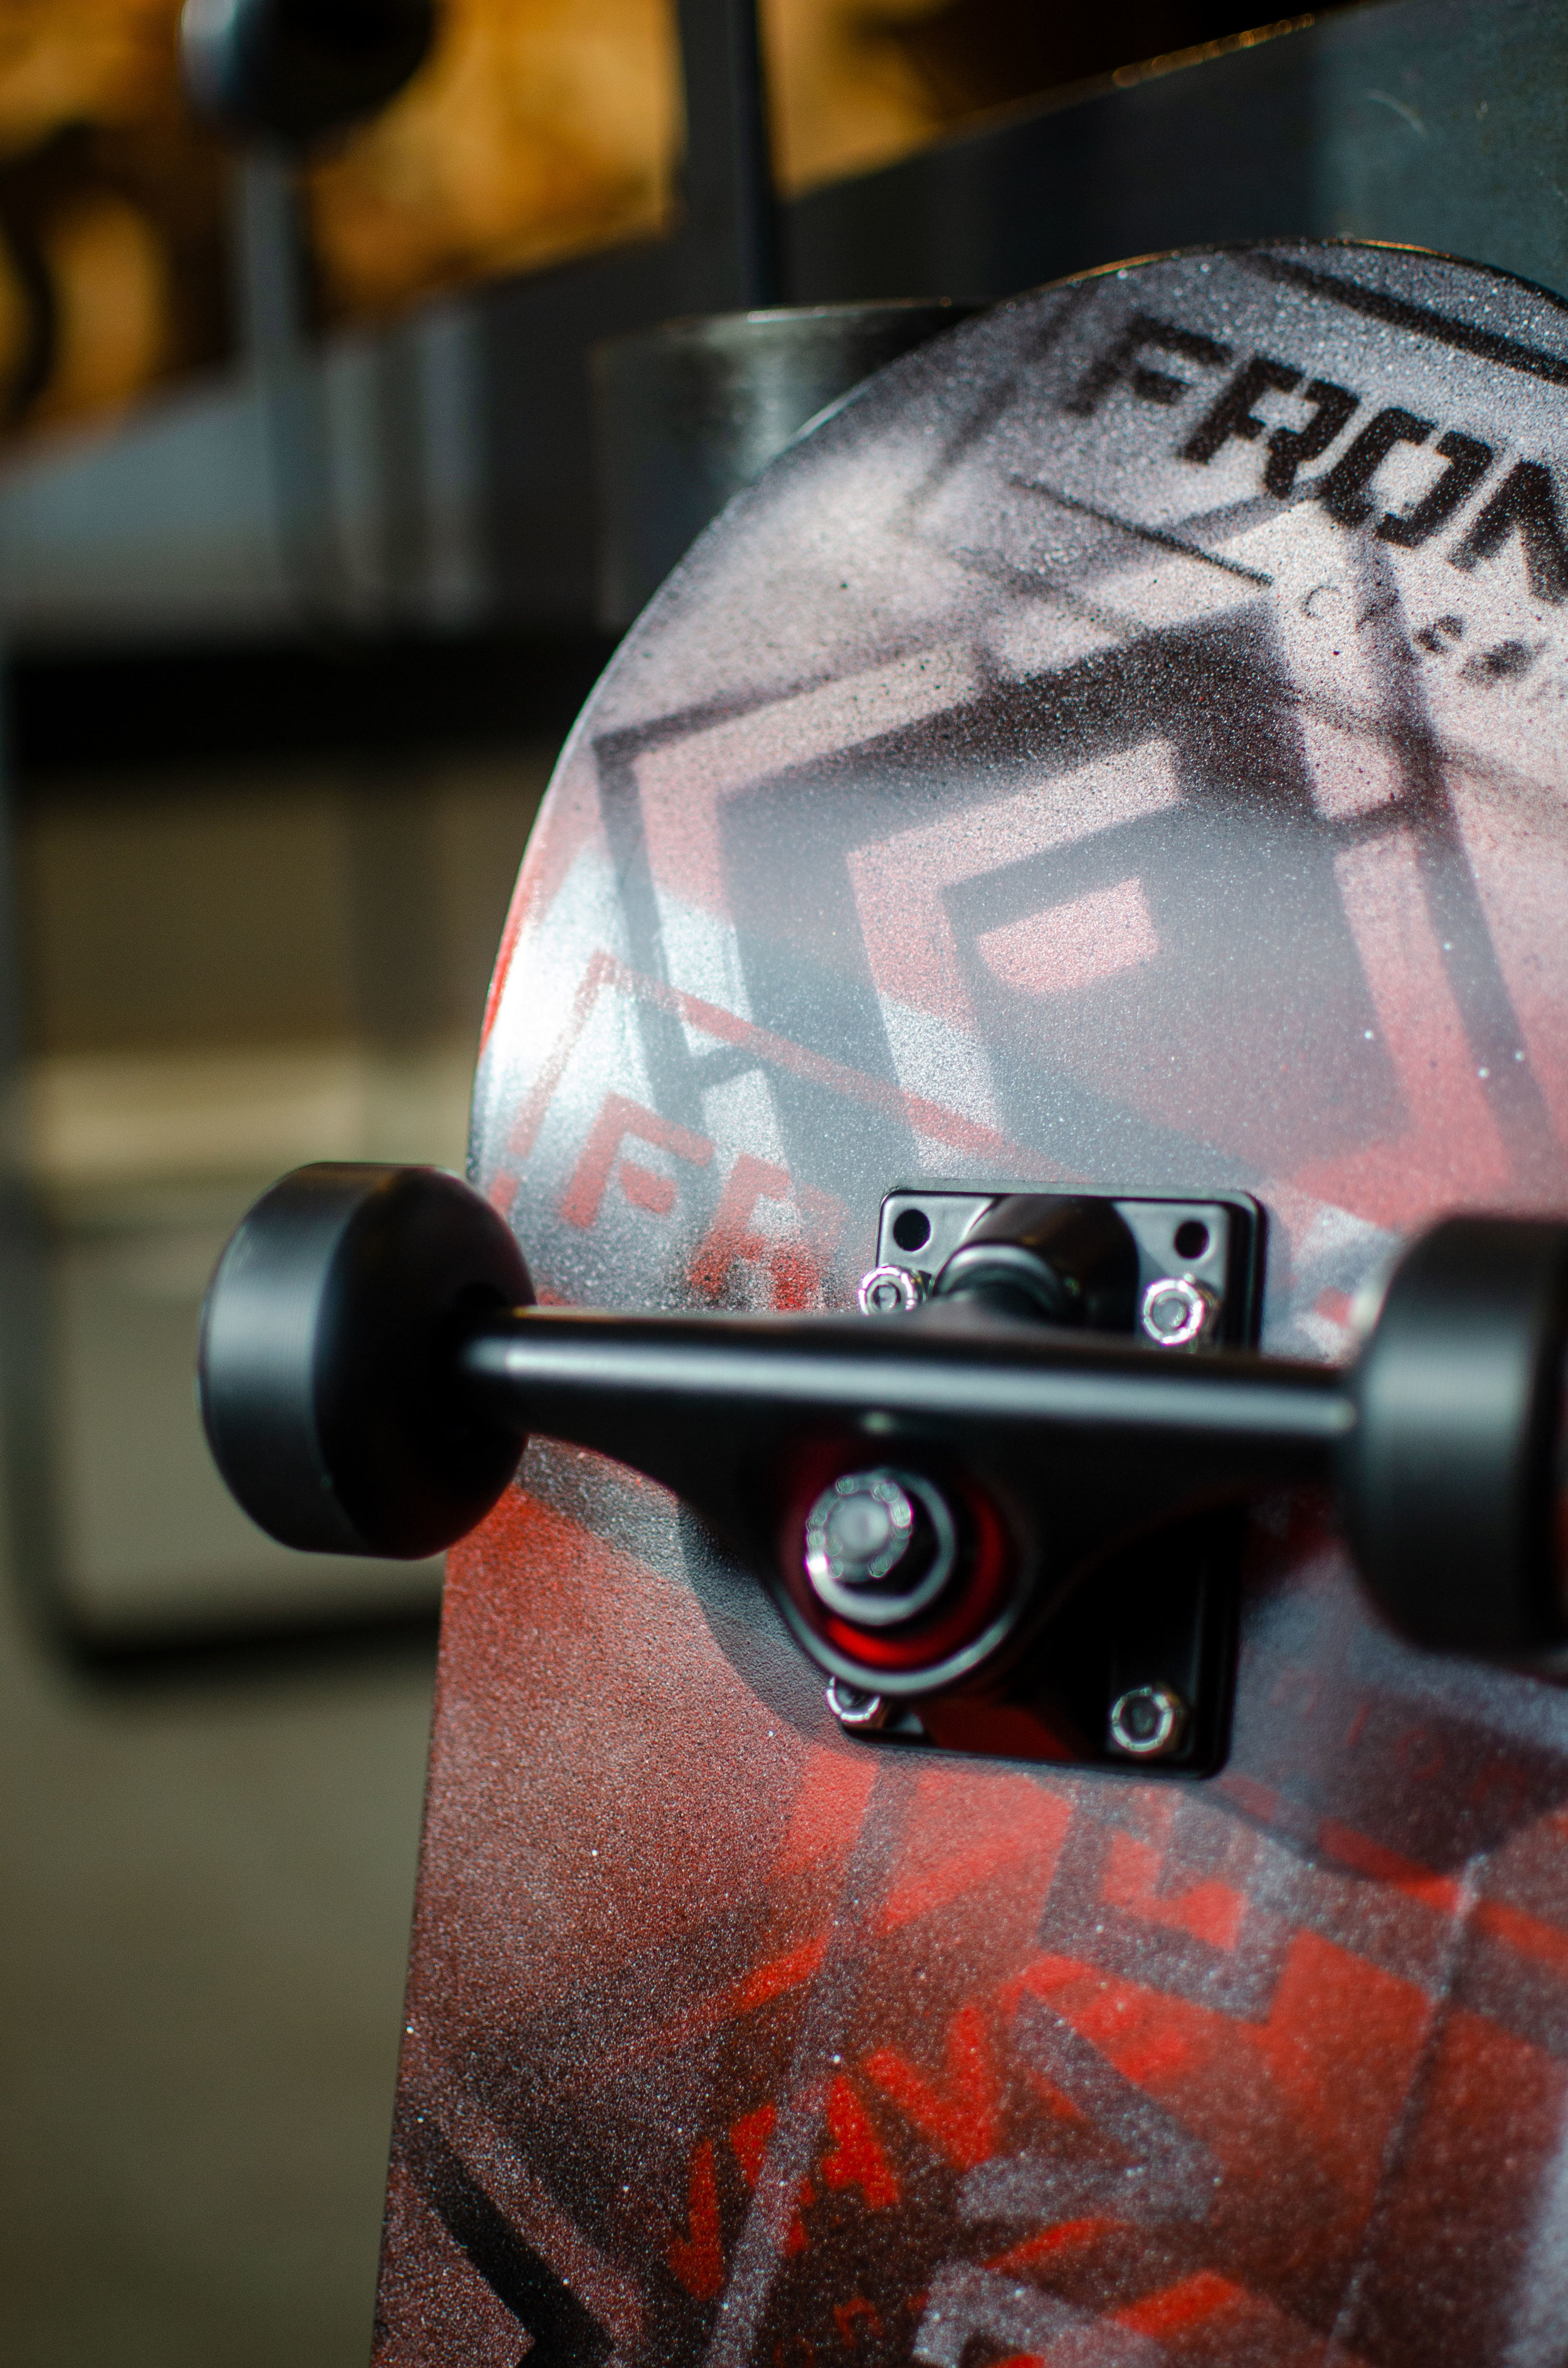 Frontwave-Skateboards_WMG0140.jpg